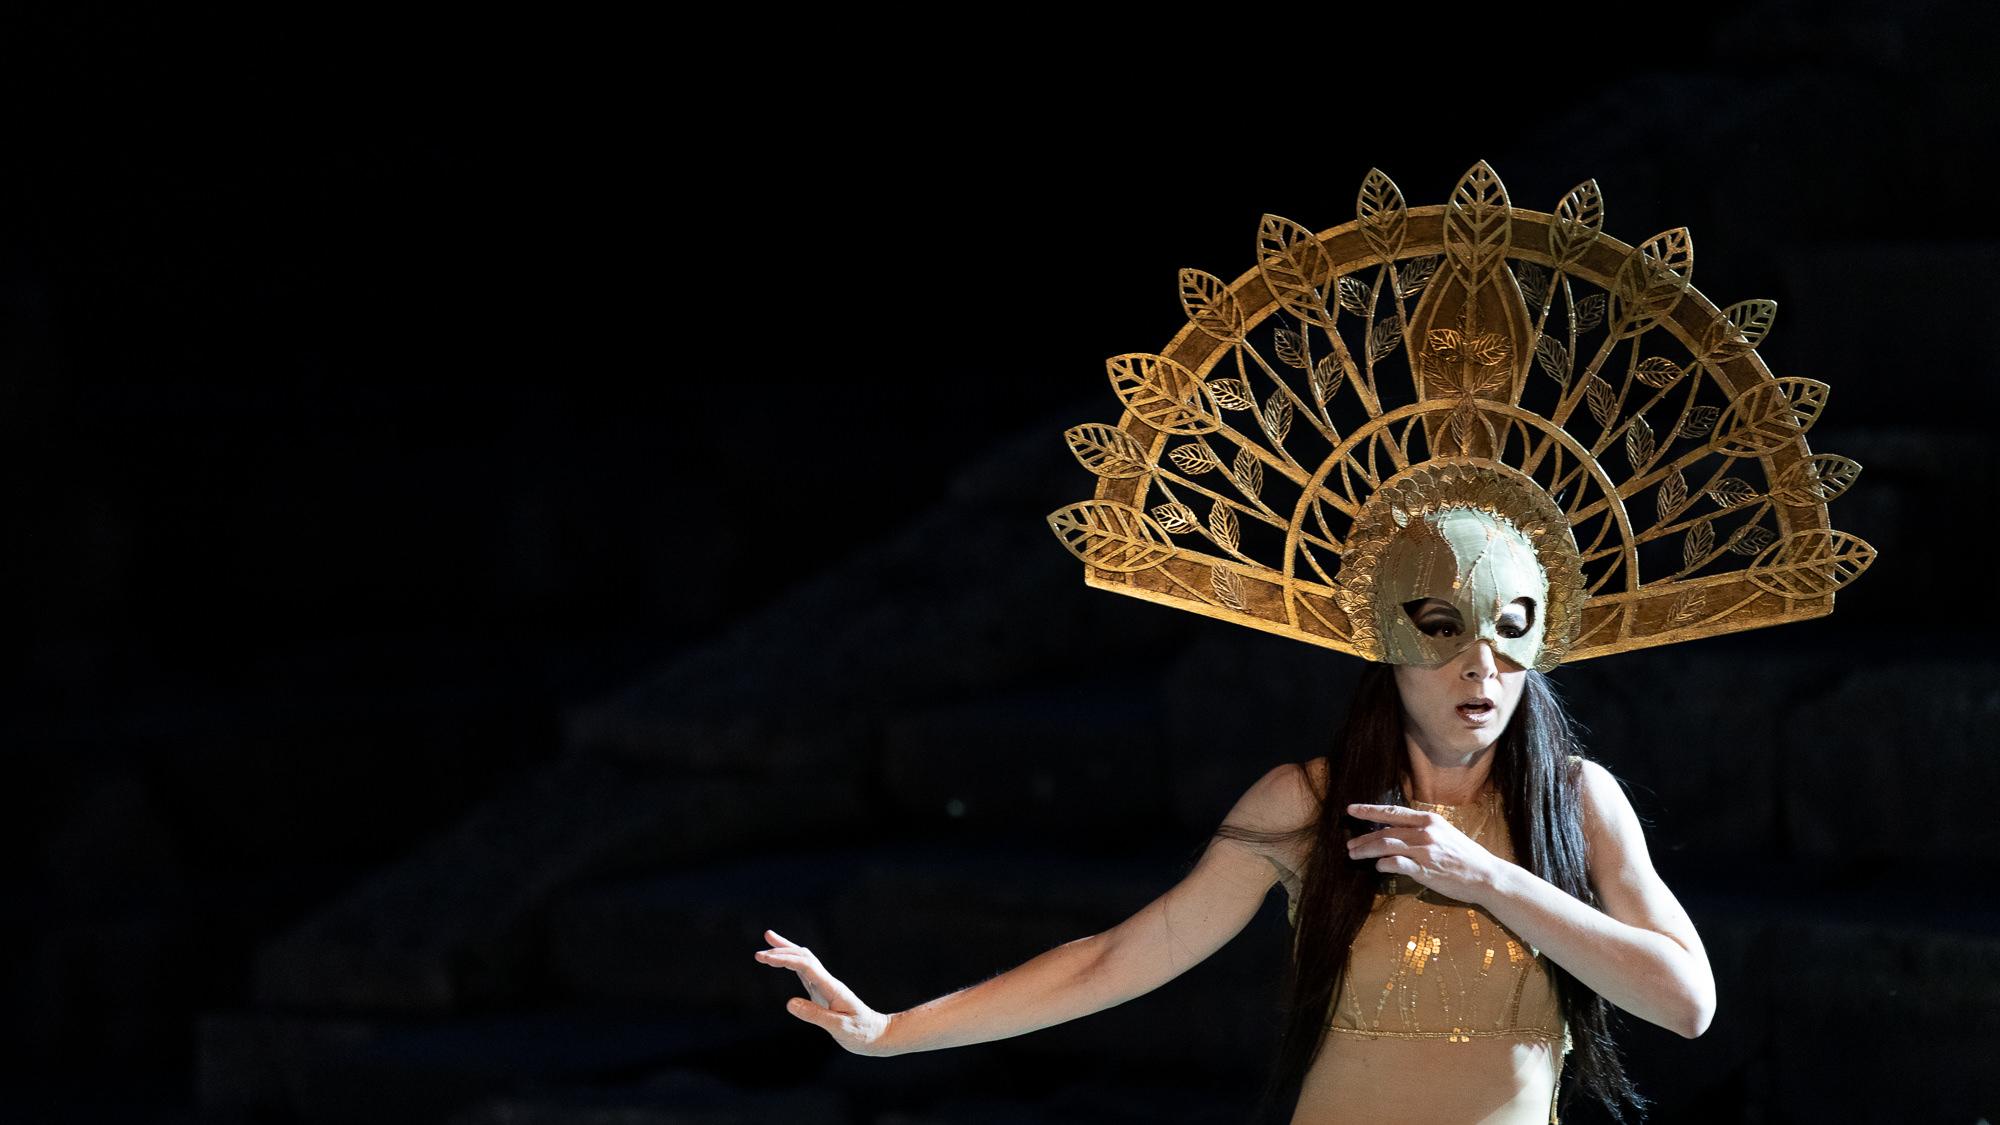 Αισχύλου Ορέστεια – Αγαμέμνων, 5ο Φεστιβάλ Δάσους – 2η κριτική παράστασης